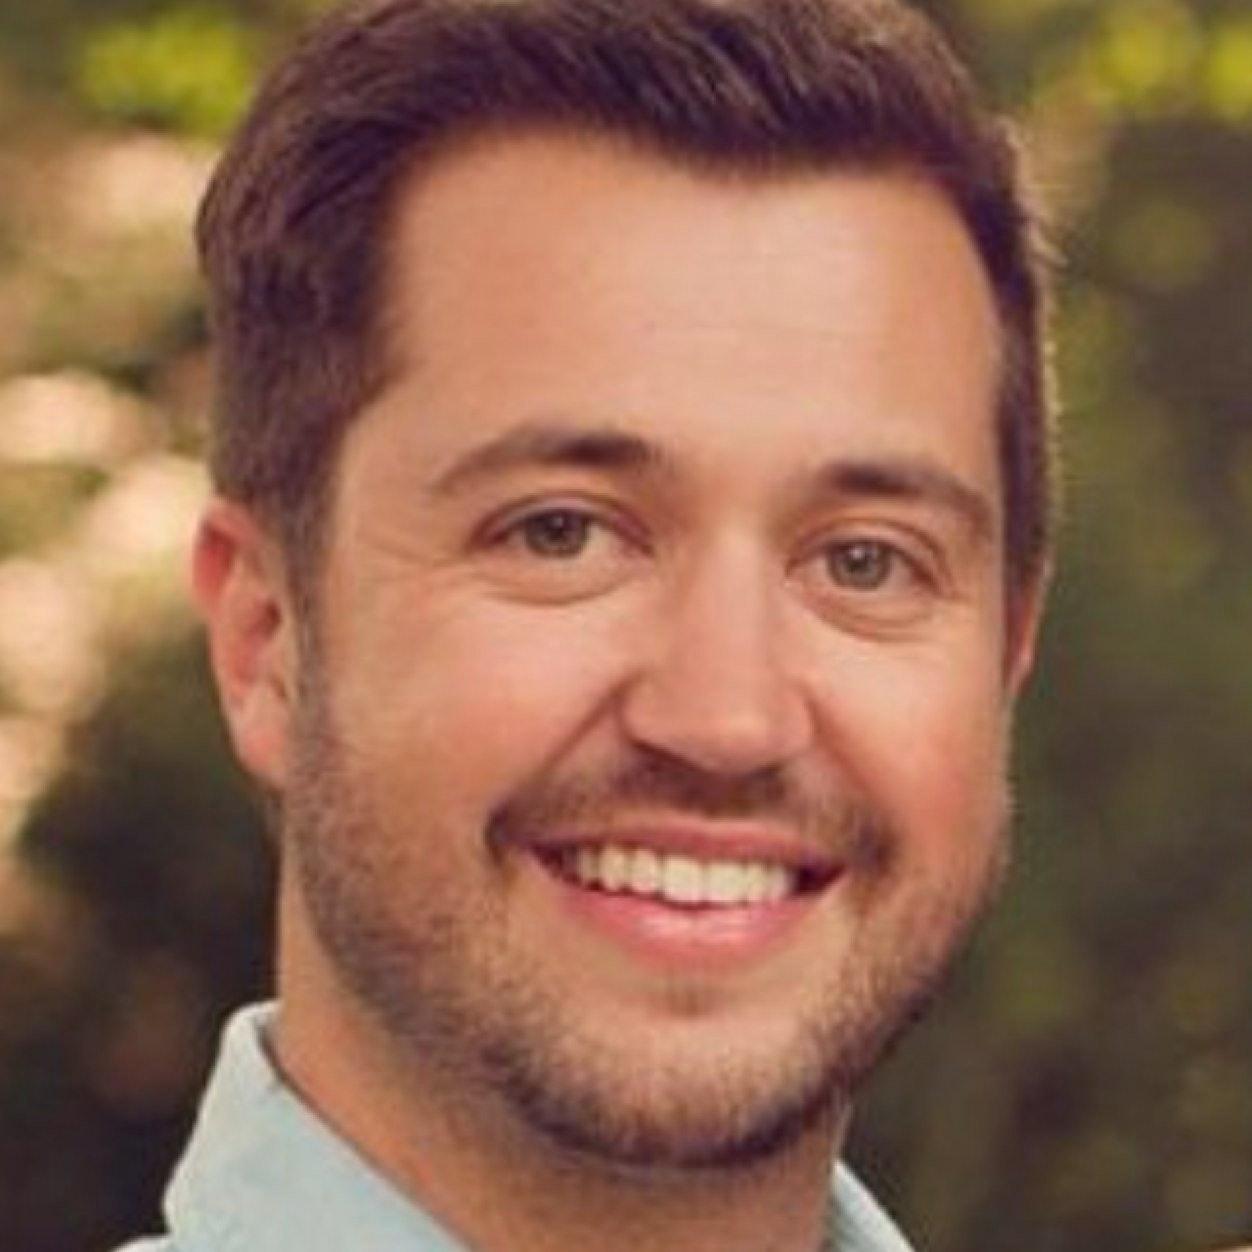 Eric Bockmuller